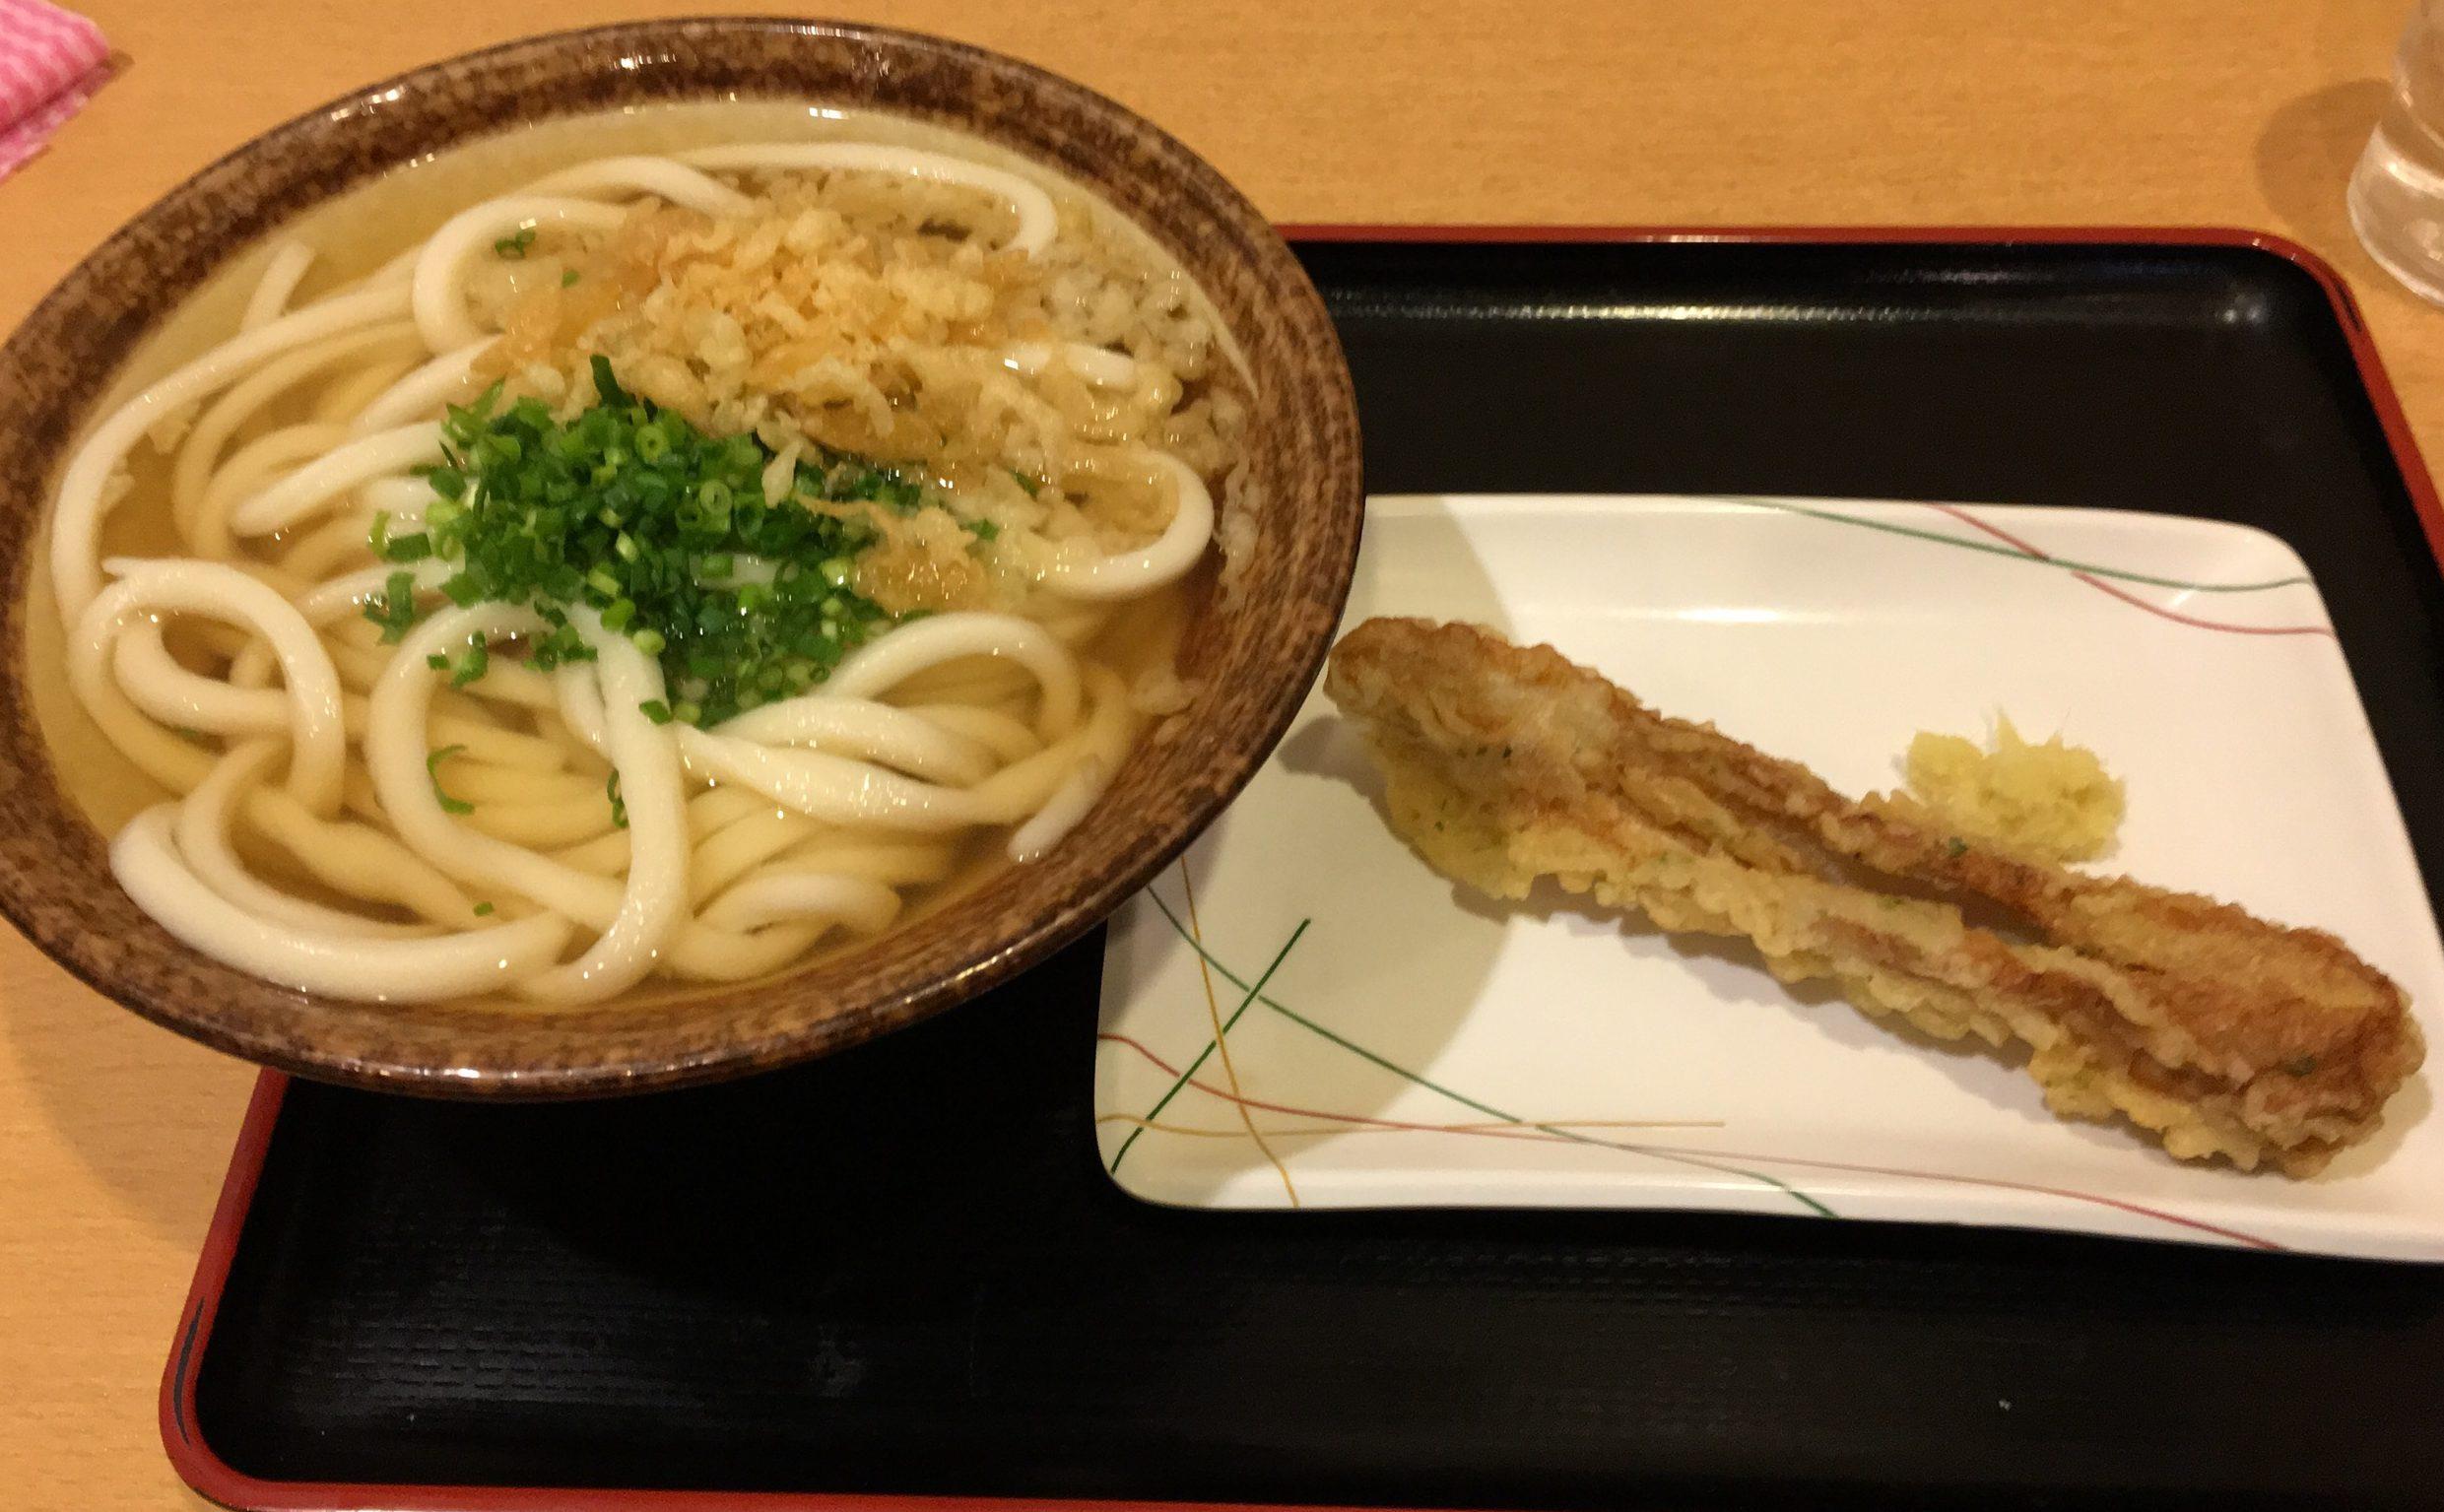 【ふじみ野市】埼玉県のうどんランキング1位のお店「條辺」のかけうどんを食べてきた